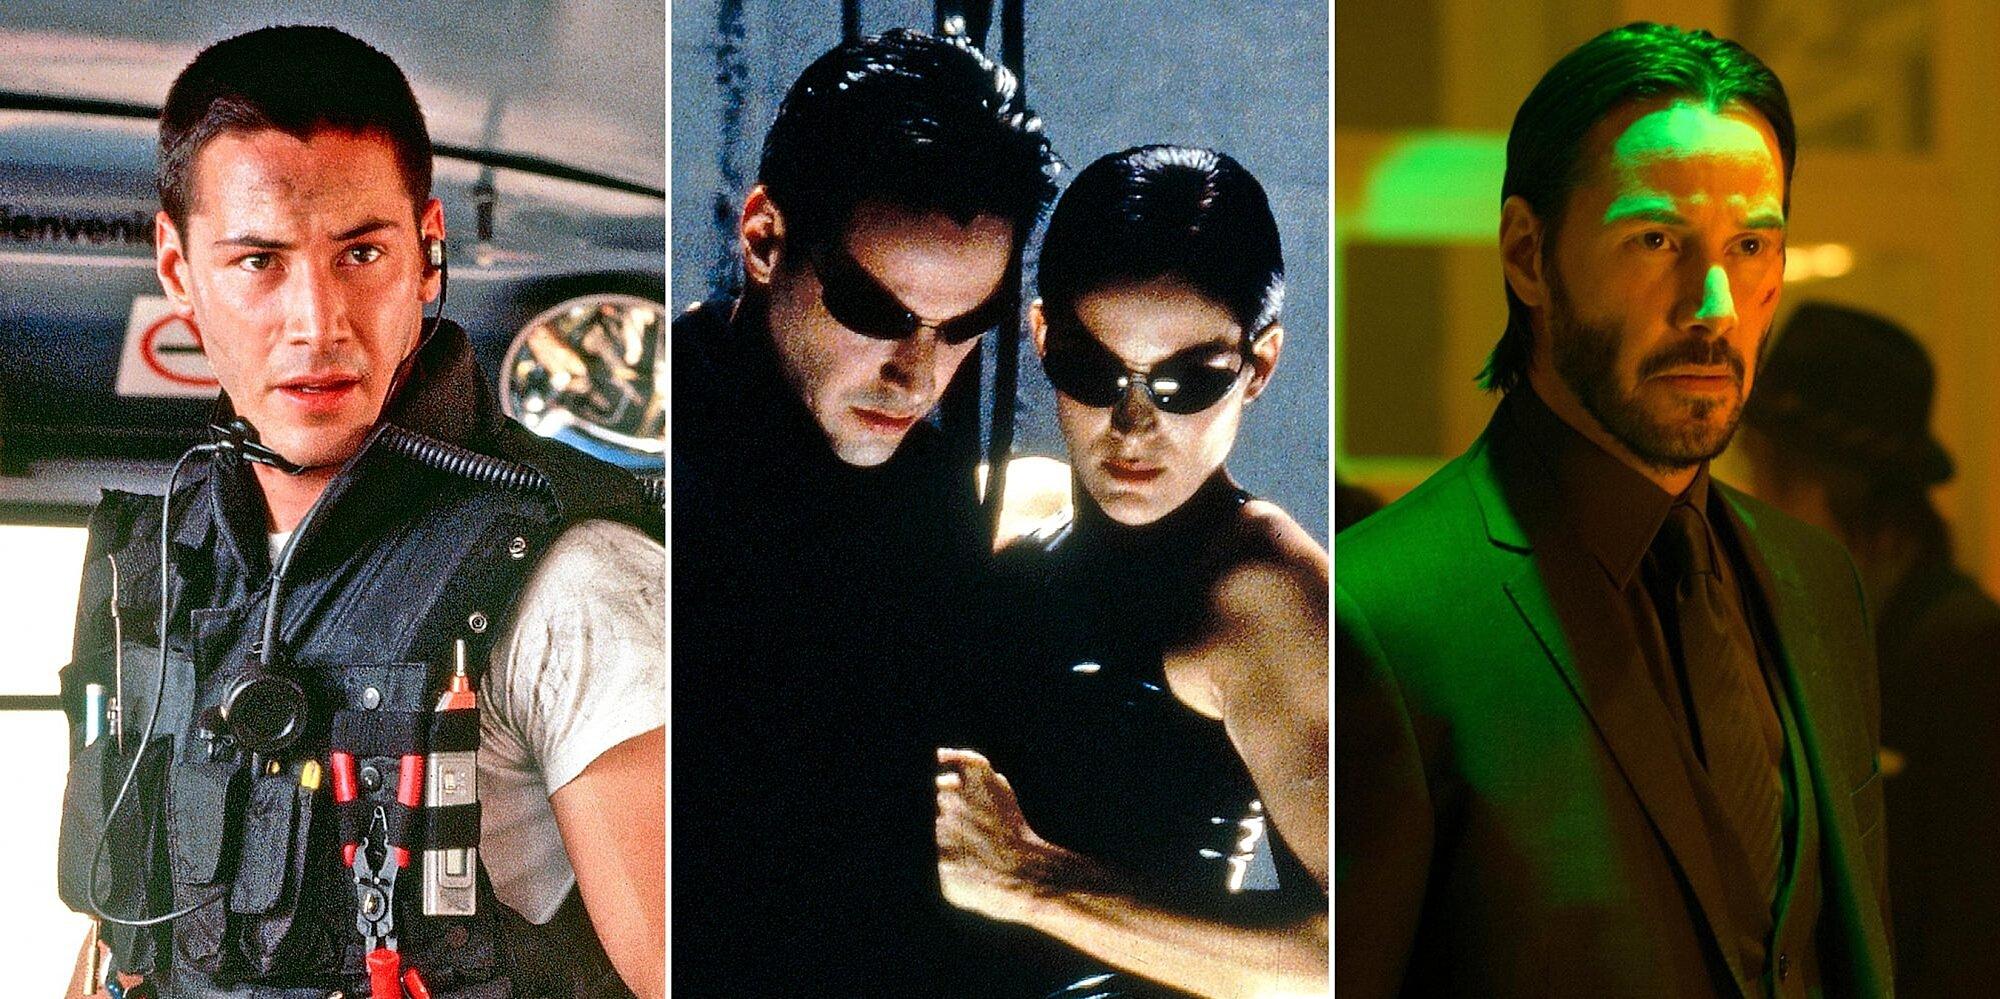 image 9 - بهترین فیلم های کارنامه بازیگری کیانو ریوز که باید حتماً در اولین فرصت دید